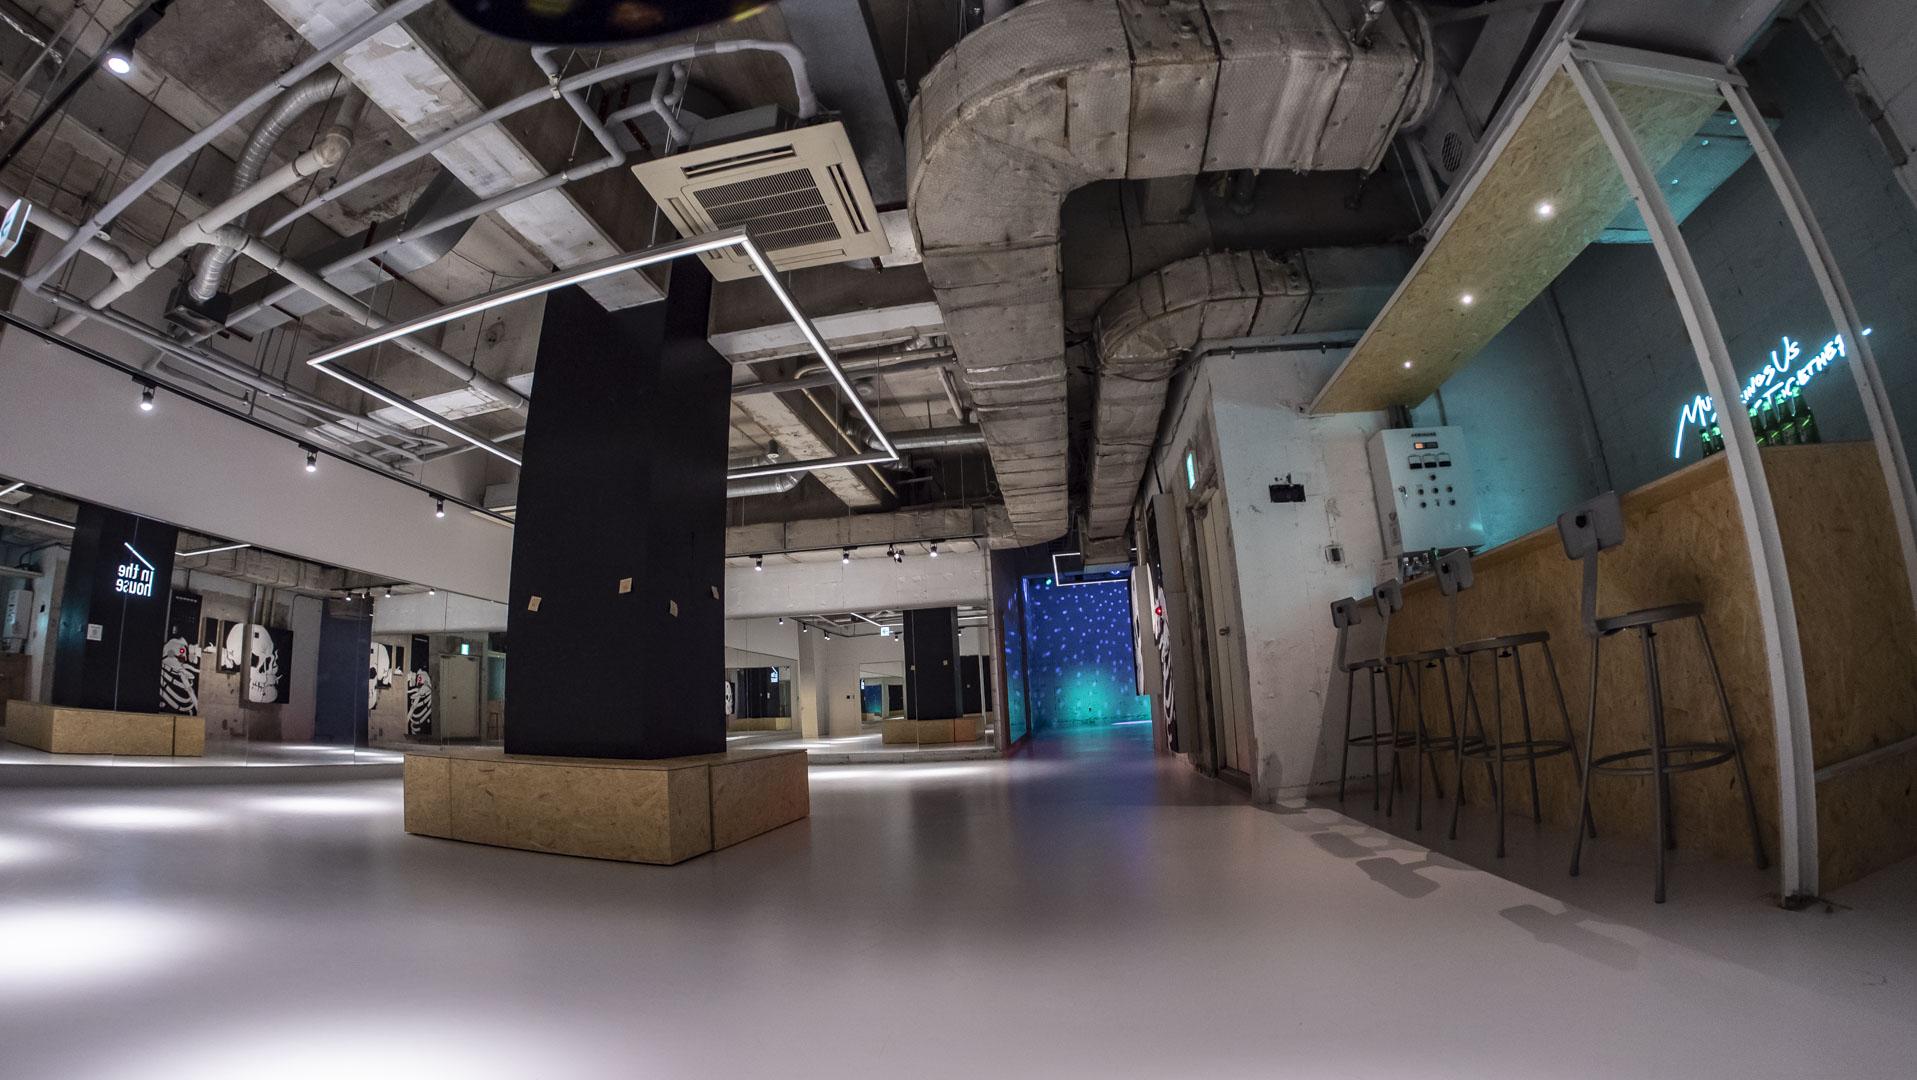 こちらのスペースはシェアスペースです。ご利用者さま同士、譲り合ってご利用ください - StreetDancePark 【5】深夜PARK 20時~の室内の写真